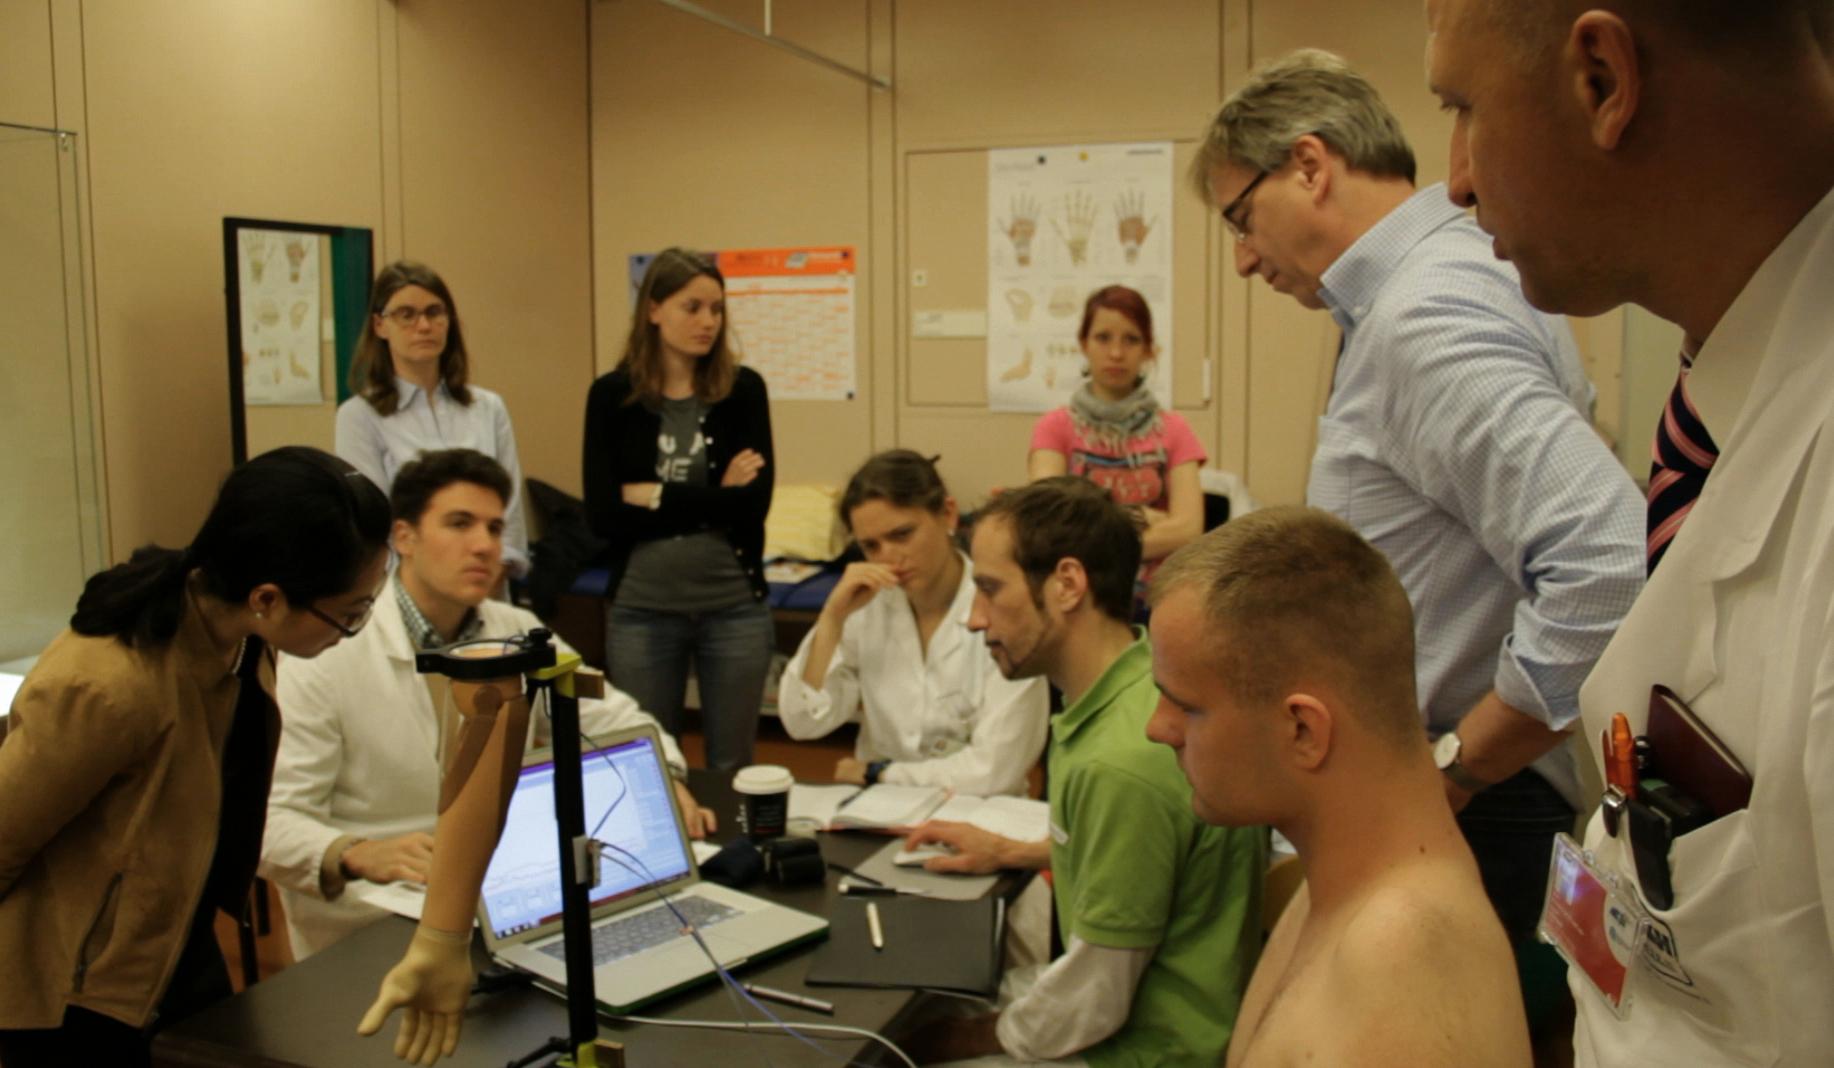 Un bras bionique contrôlé par le cerveau de Martynas Girulis